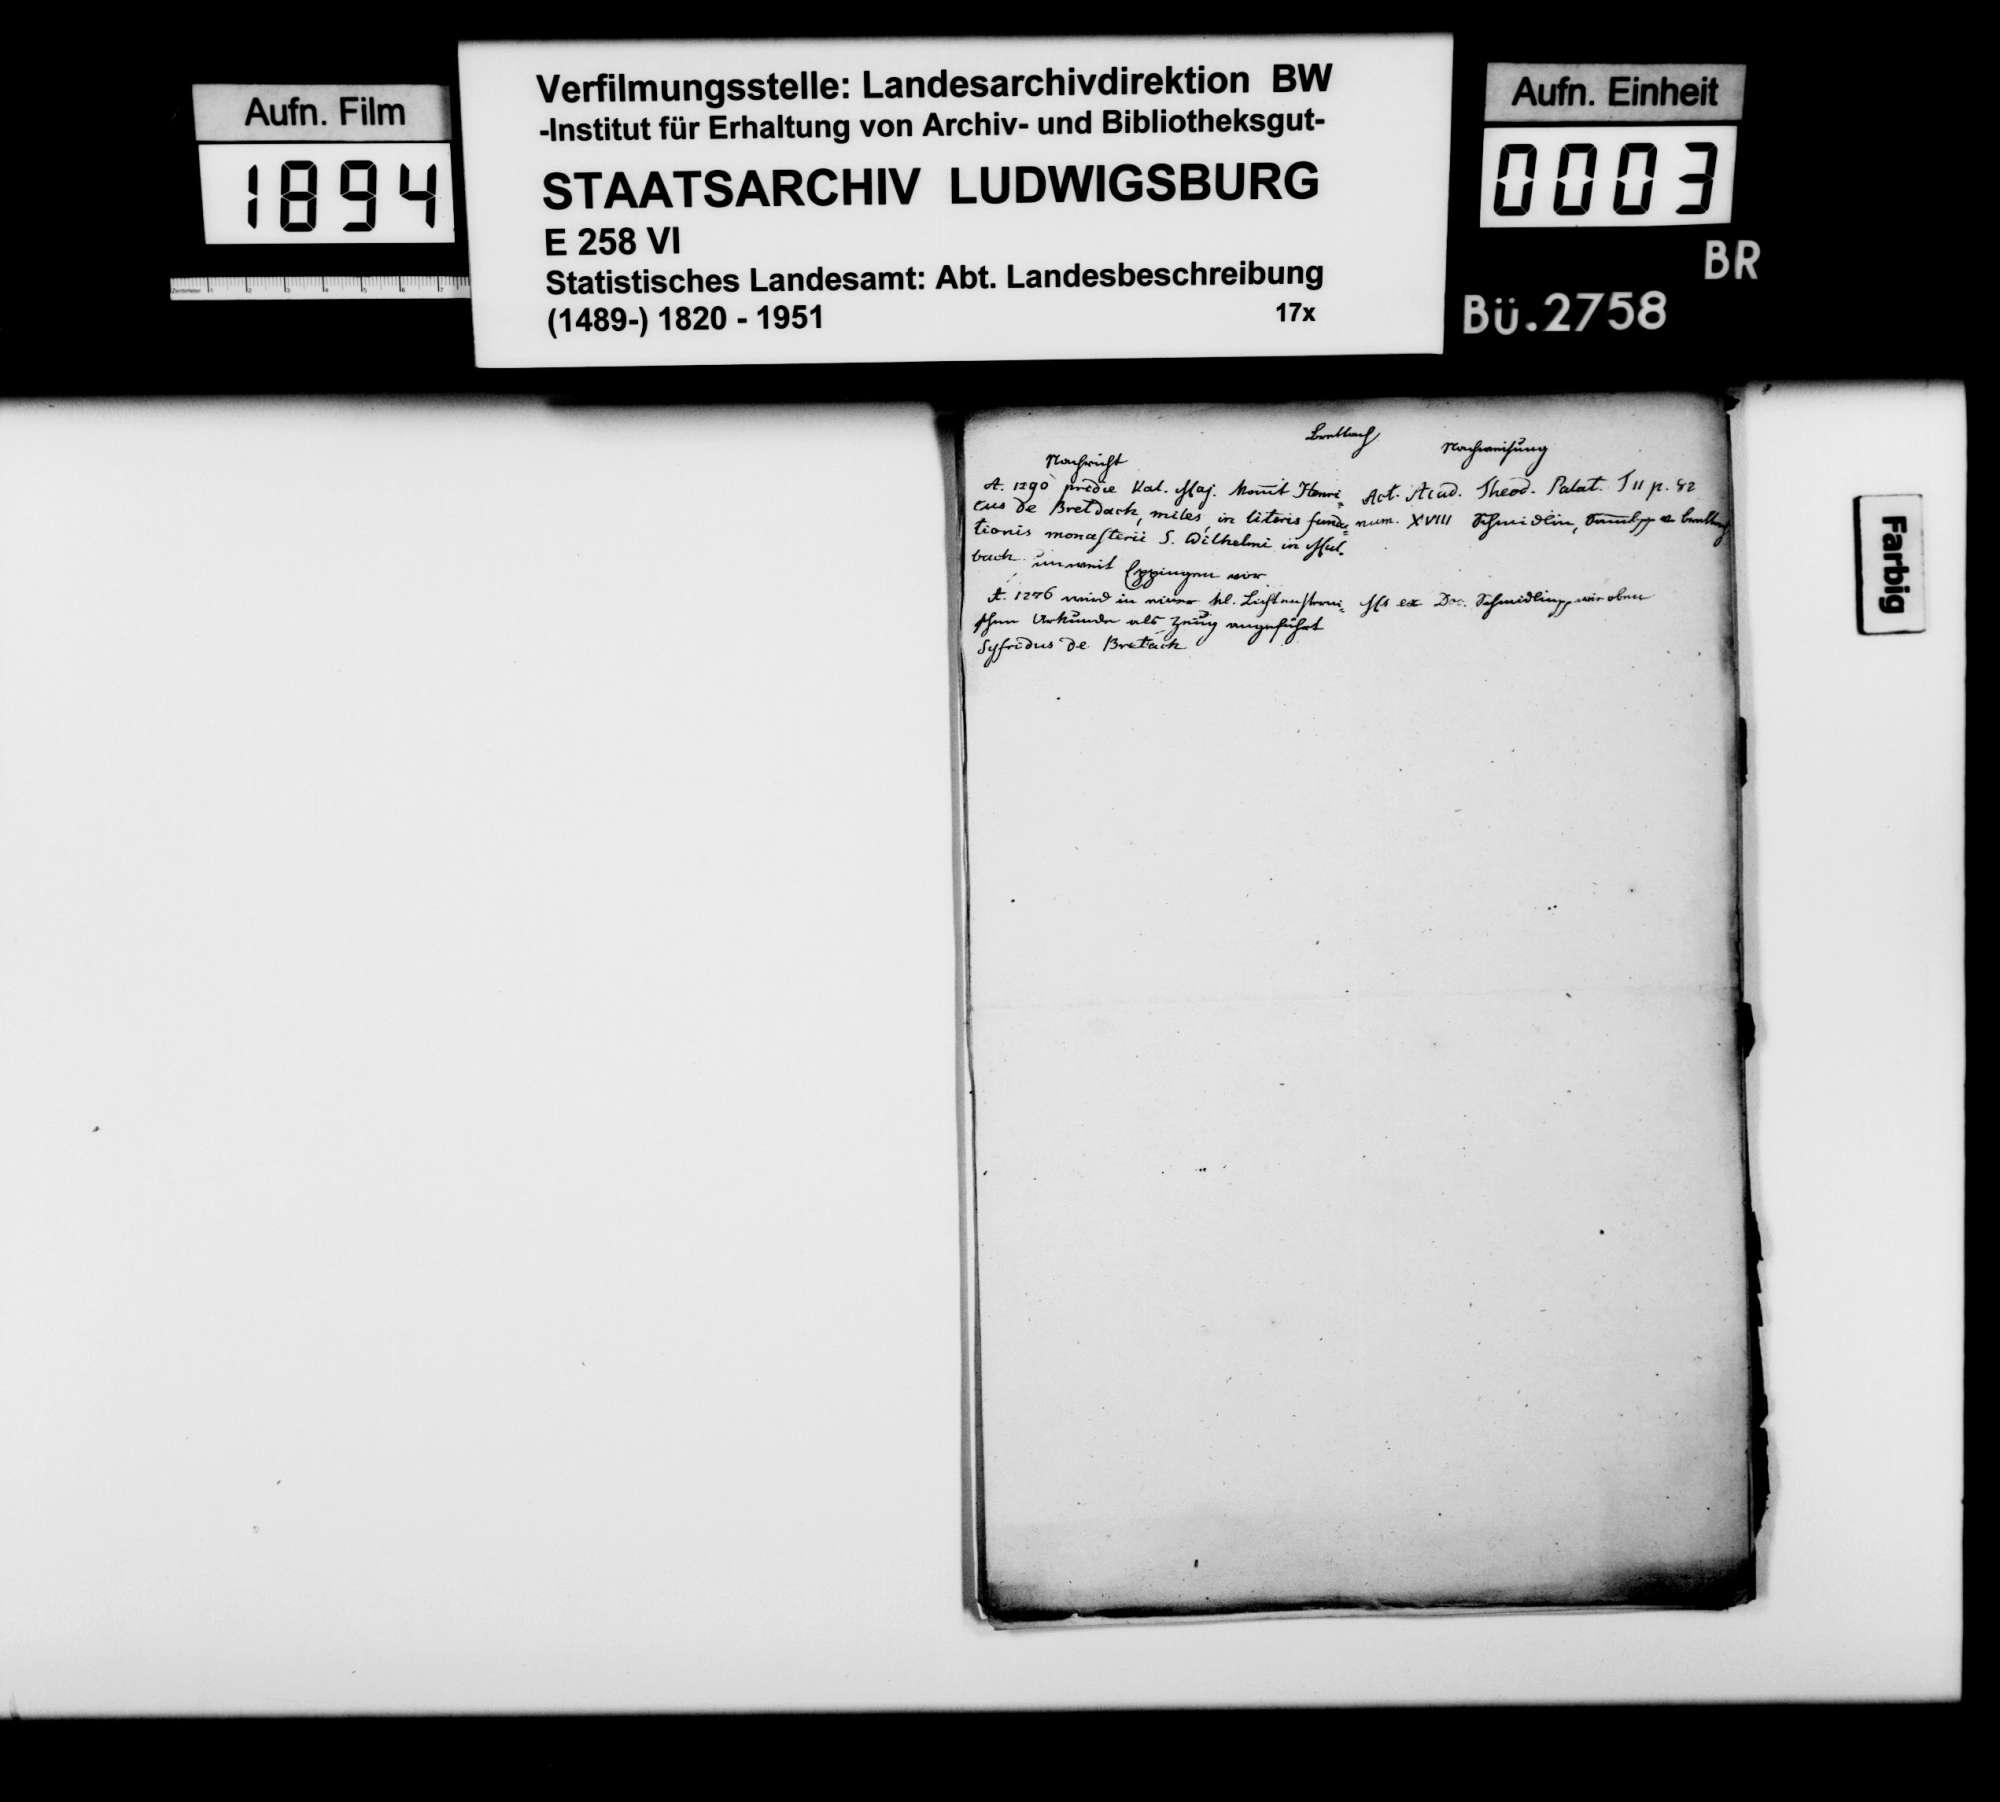 Kollektaneen des Finanzreferendärs Jäger zur Geschichte von Brettach, Bürg, Gundelsheim, Jagsthausen, Möckmühl, Neckarsulm, Neuenstadt, Oedheim und Widdern v.a. im 15. und 16. Jh., Bild 2